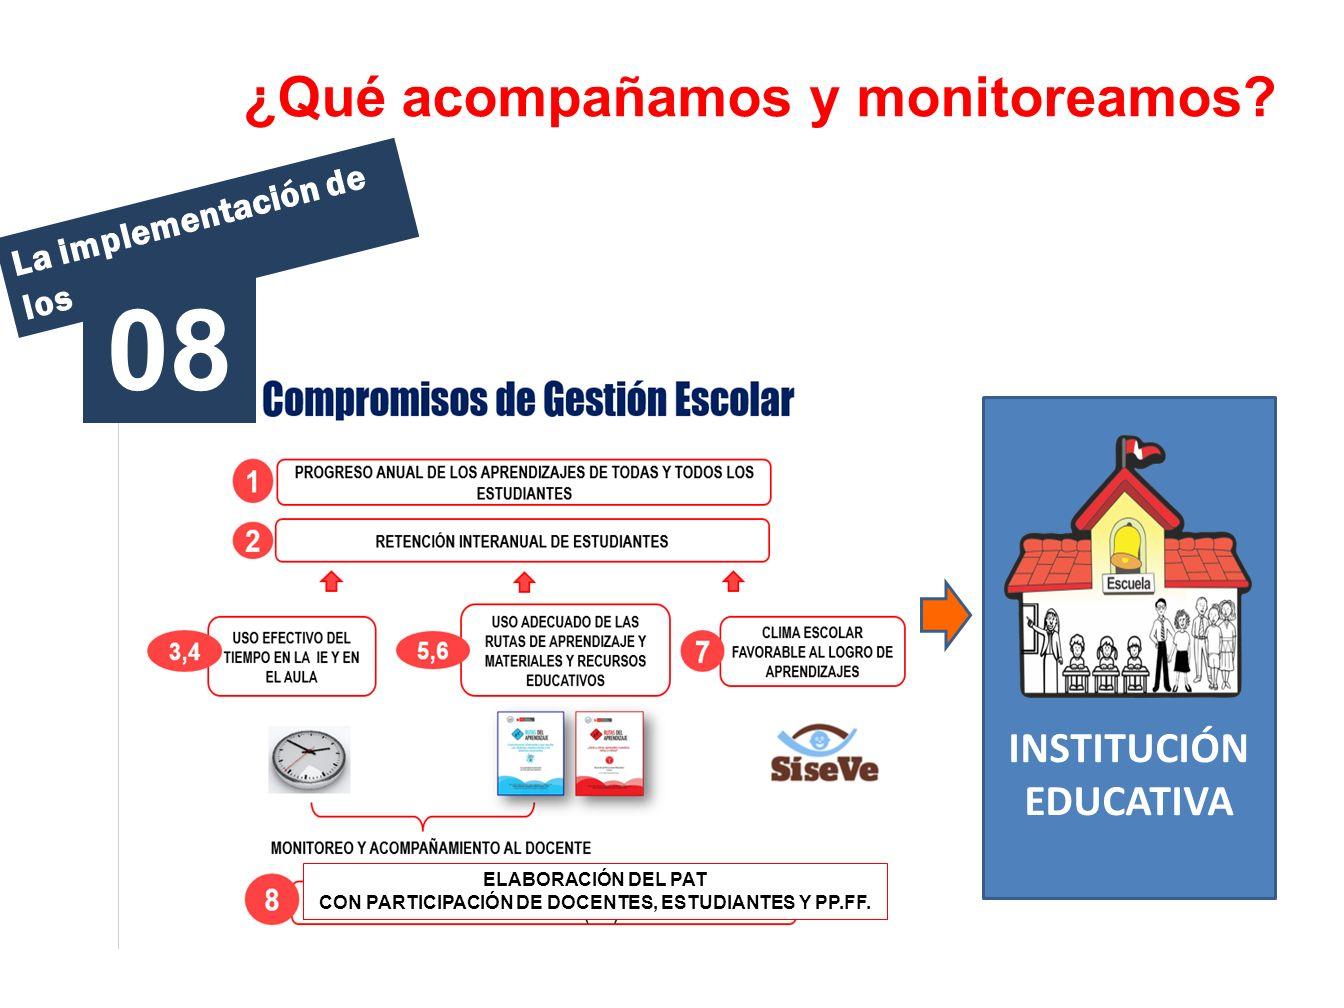 08 ¿Qué acompañamos y monitoreamos INSTITUCIÓN EDUCATIVA